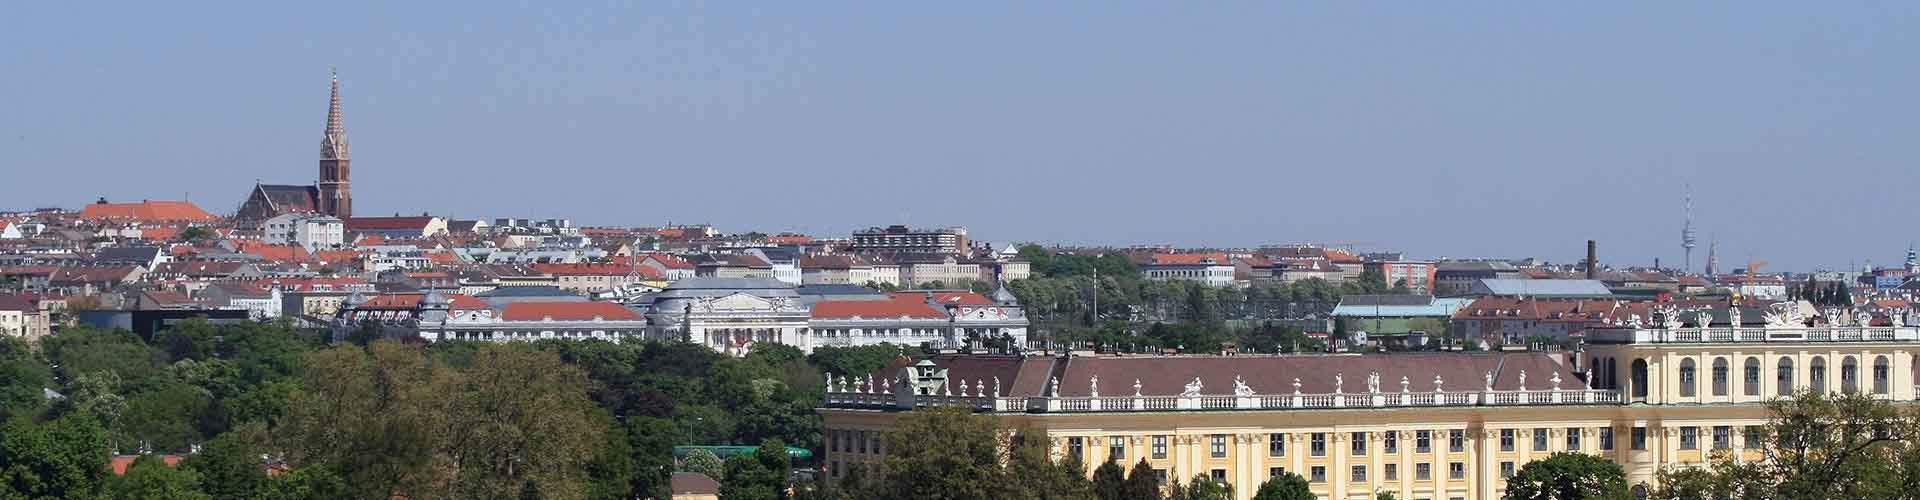 维也纳 – Rudolfsheim-Fuenfhaus区的宾馆。维也纳地图,维也纳每间宾馆的照片和评价。